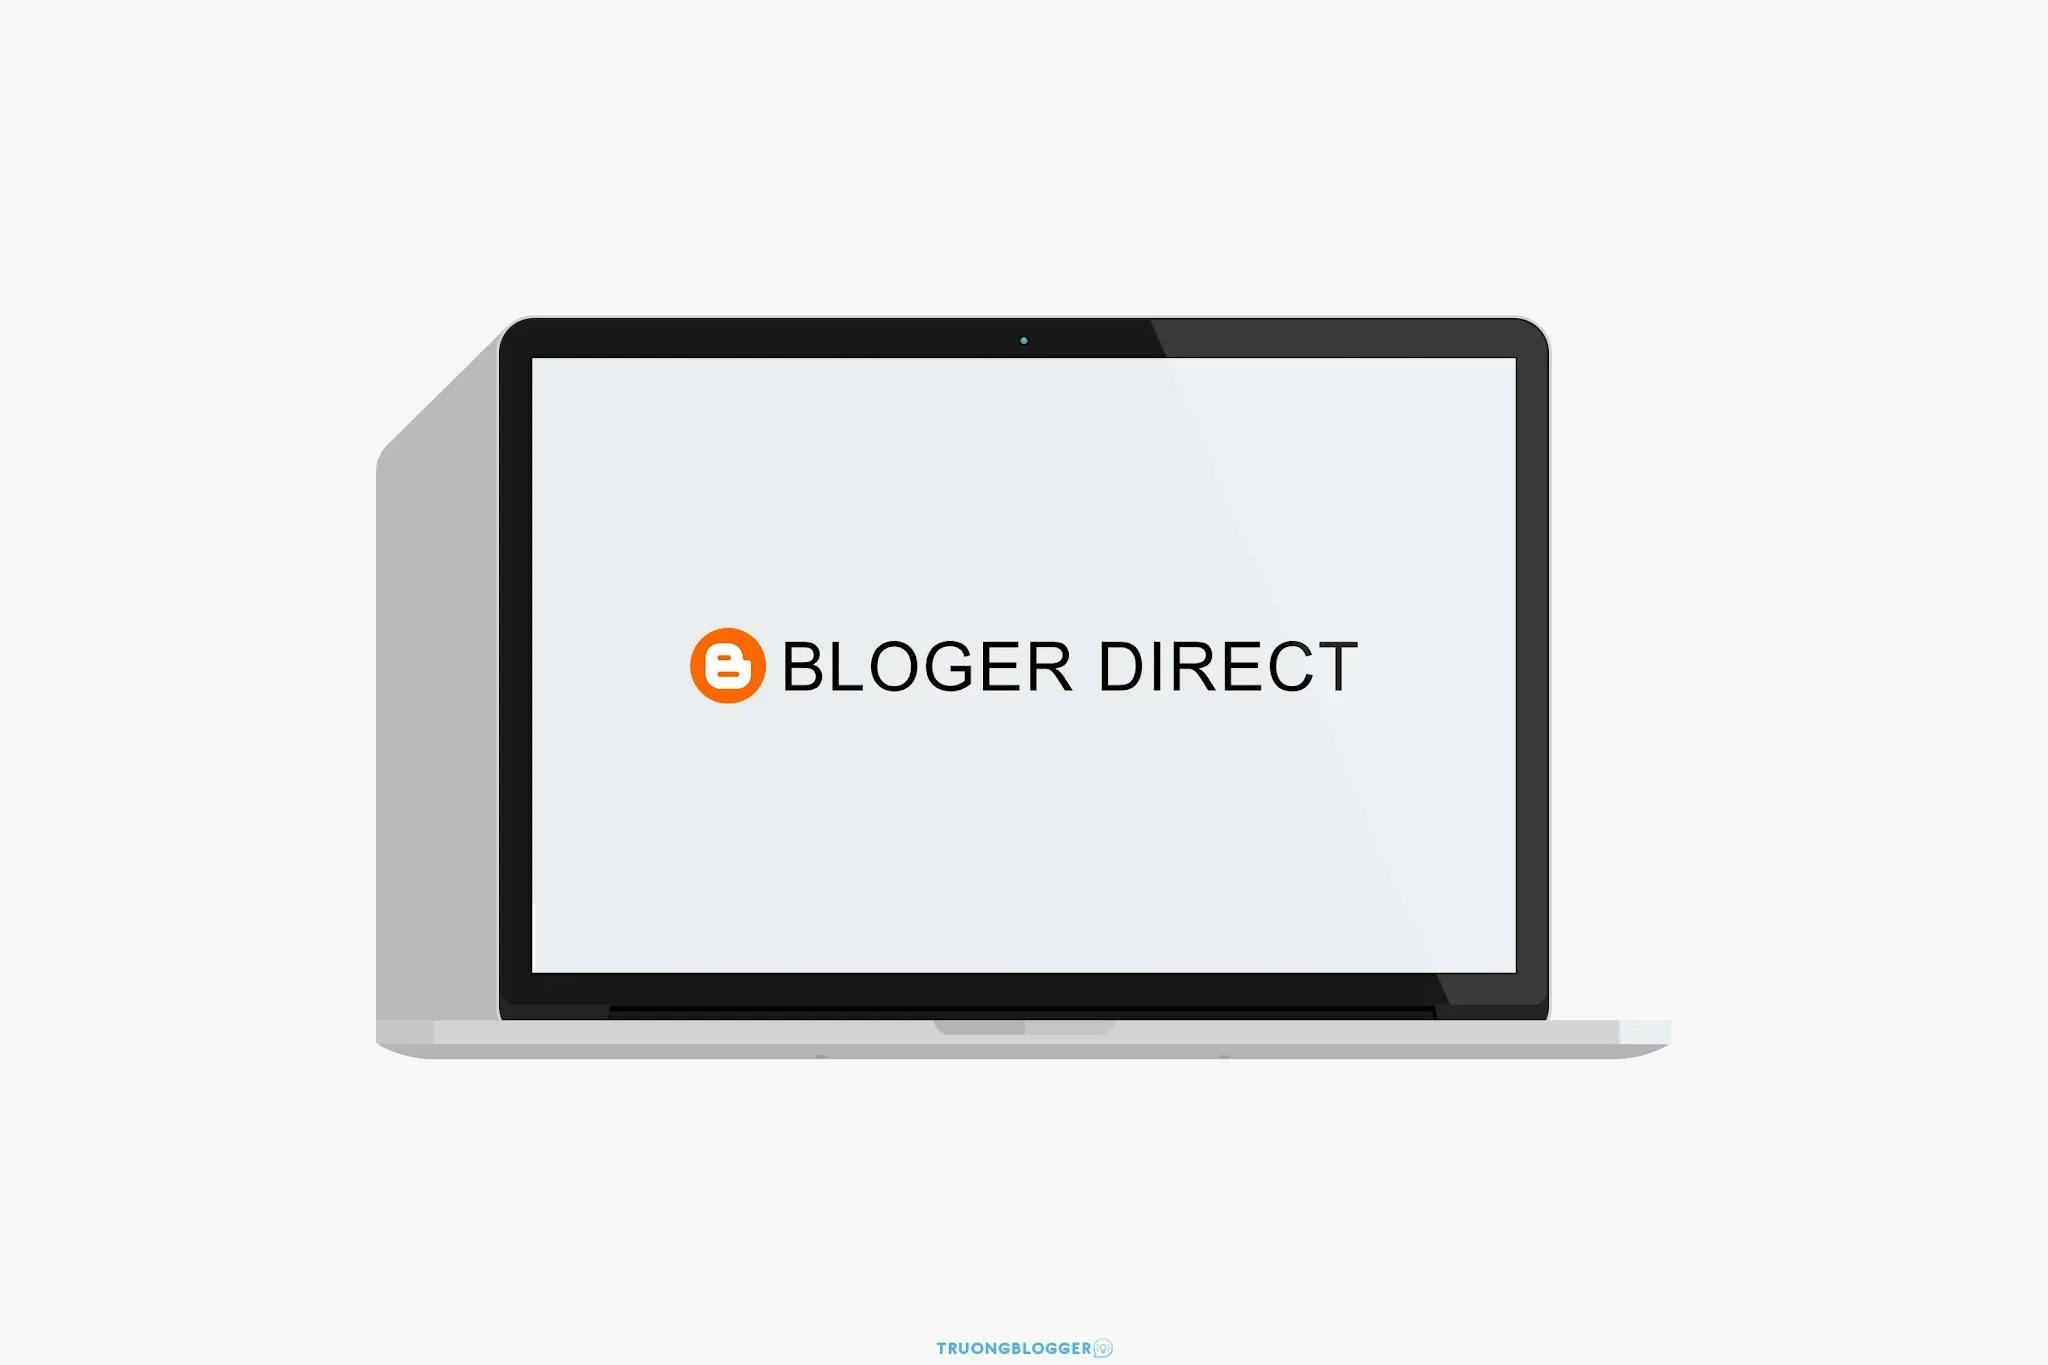 Cách làm trang chuyển hướng khỏi Blog cho Blogspot (Blogger)